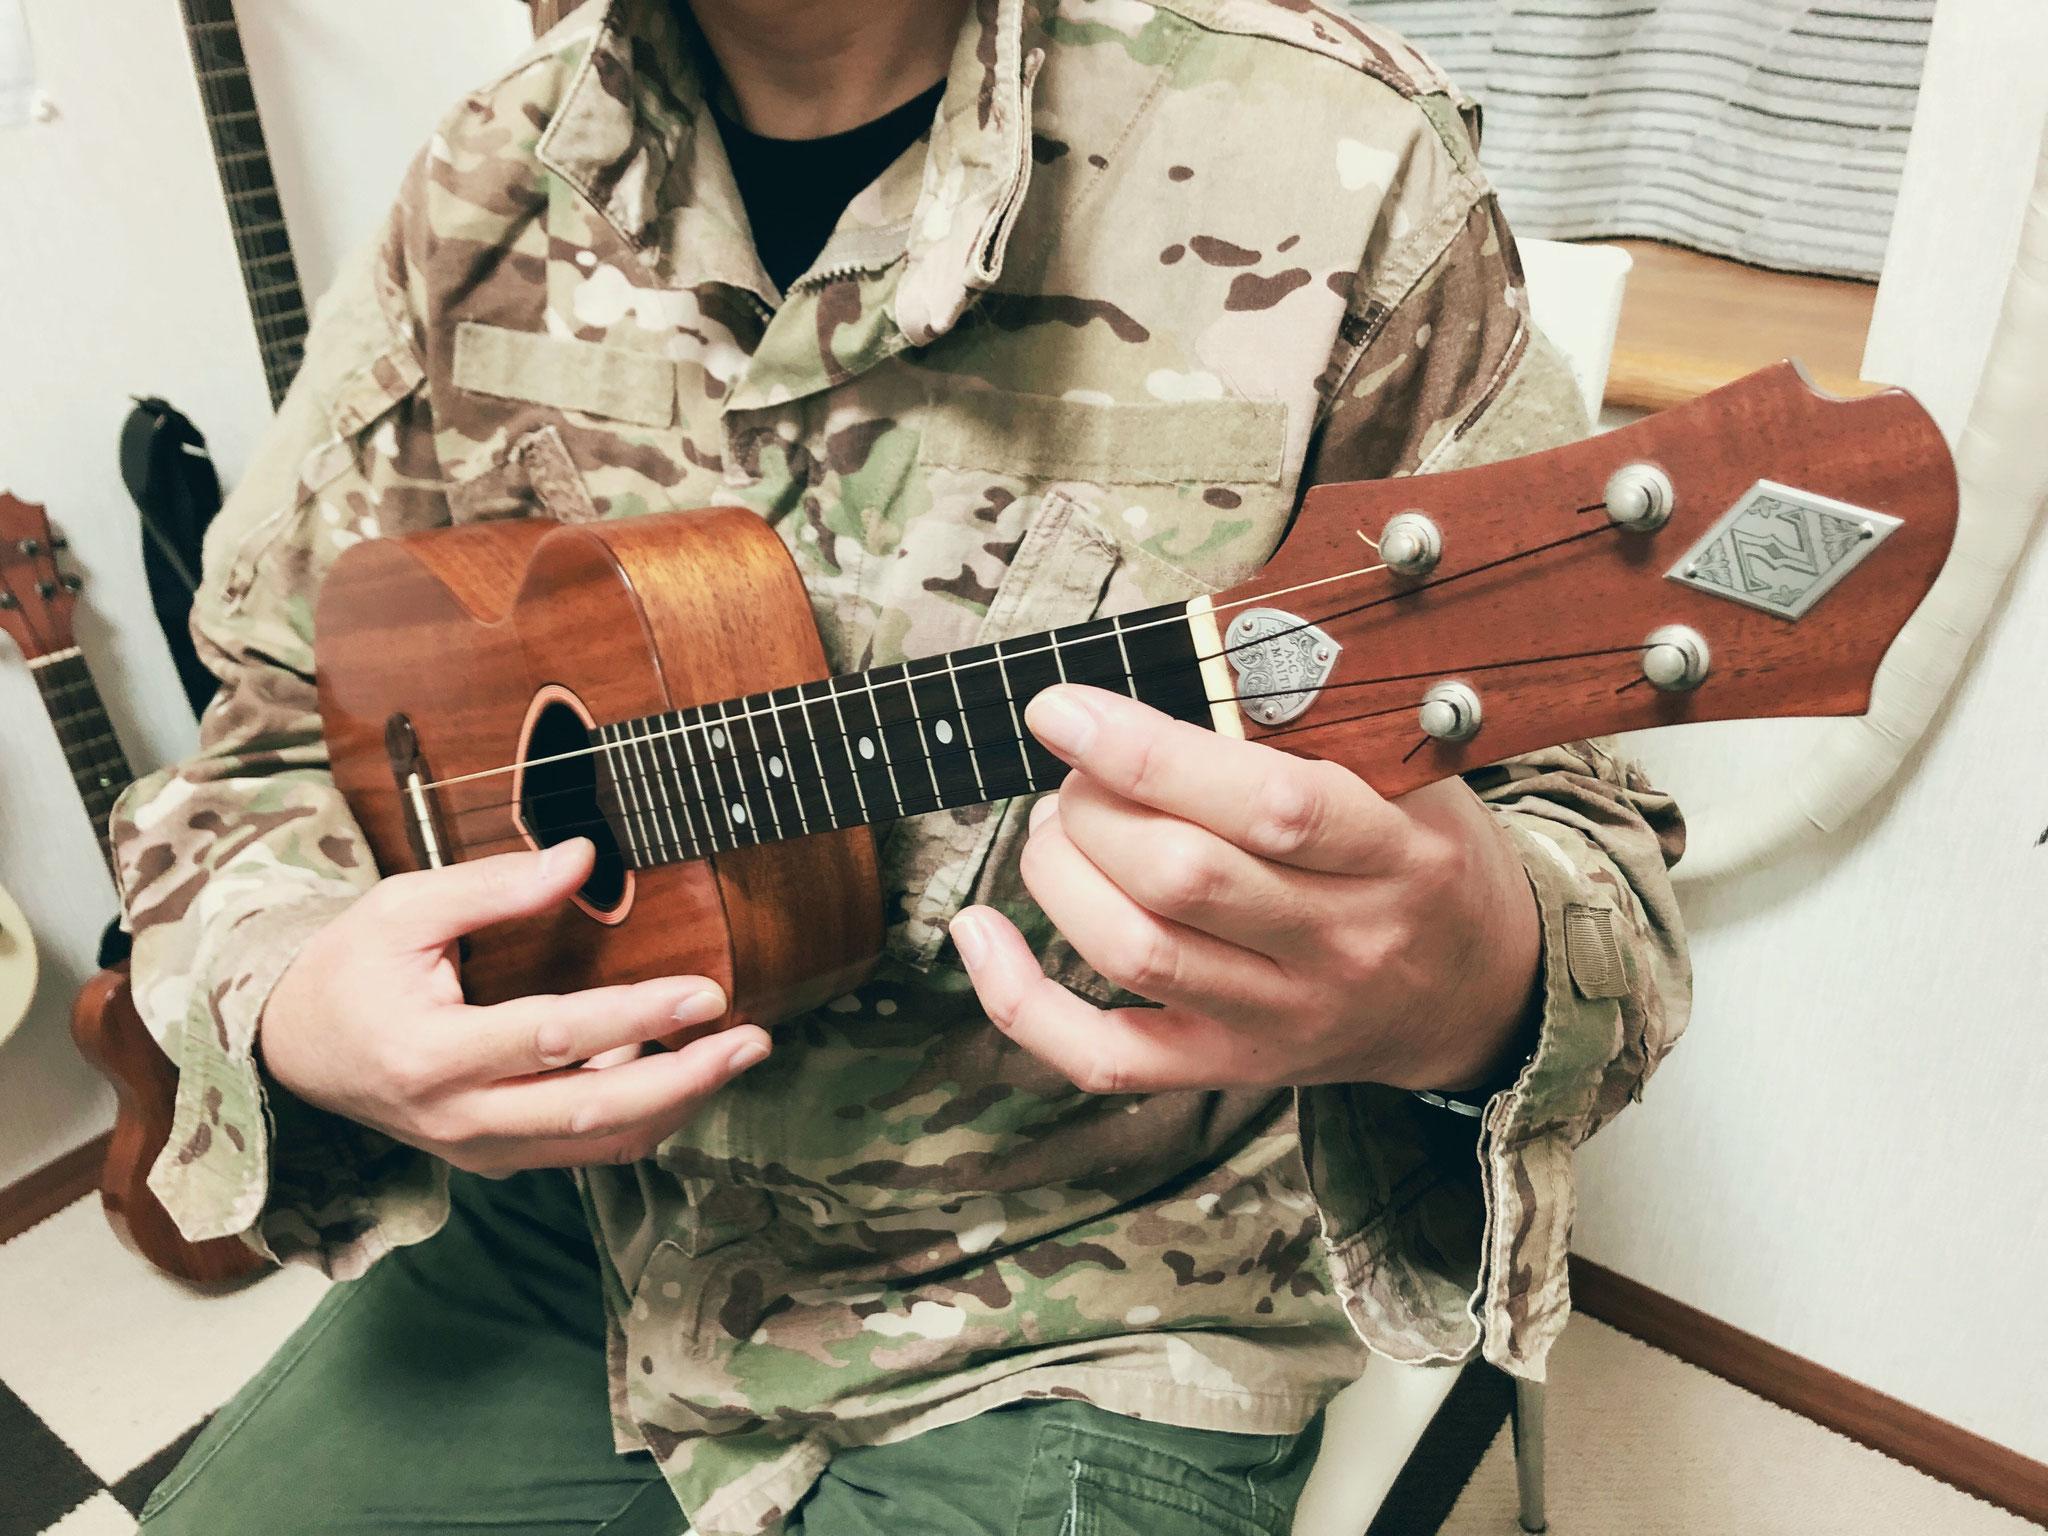 実はギターもゼマイティス なぜ持ってこなかったのか・・・笑